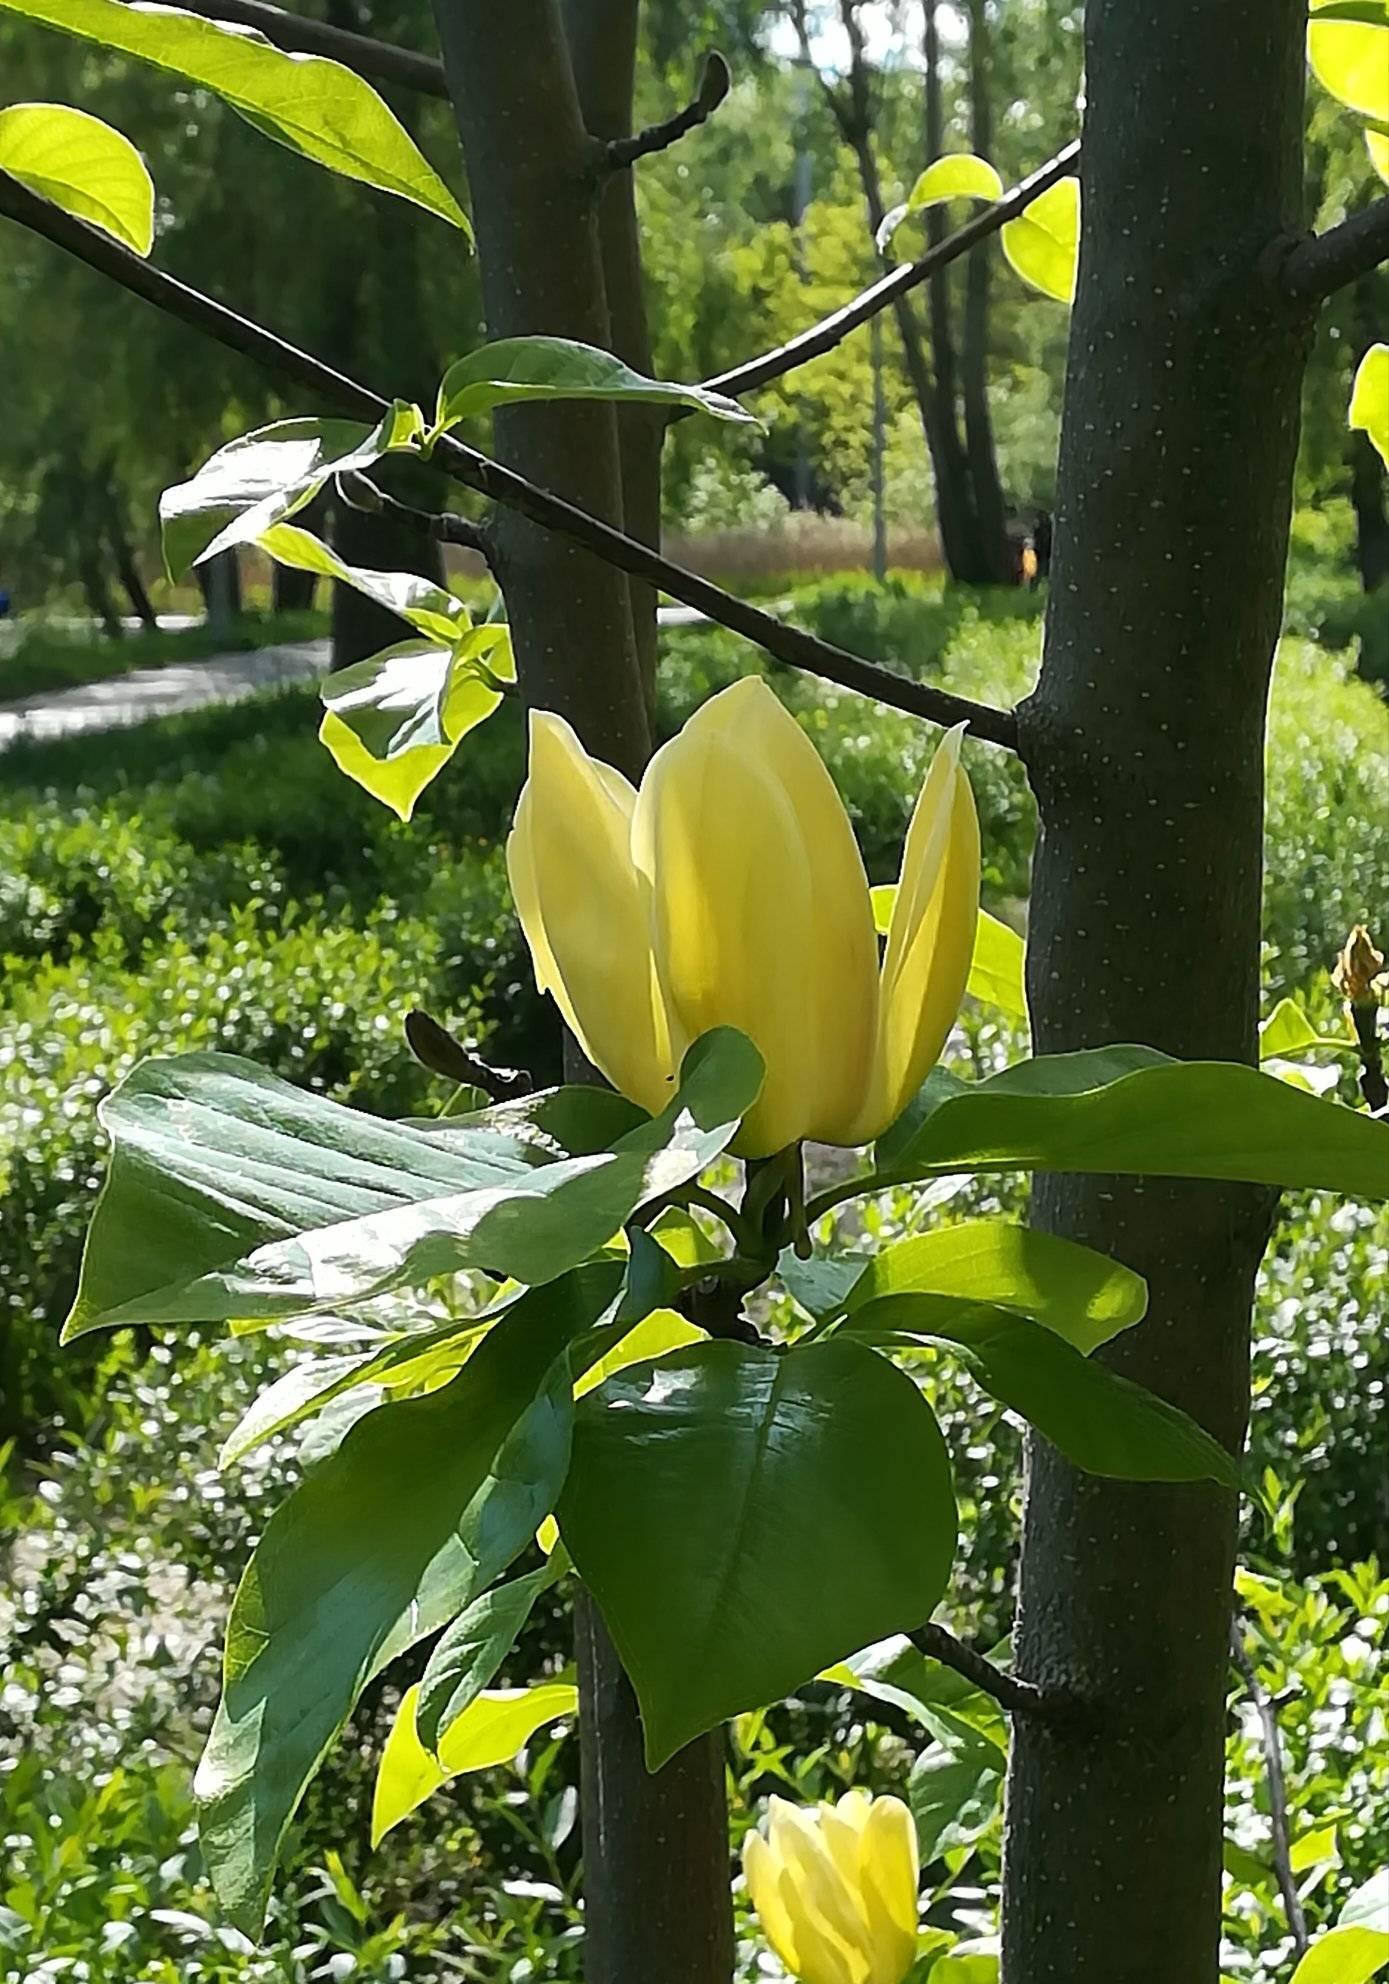 В Киеве расцвели уникальные лимонные магнолии: яркие фото